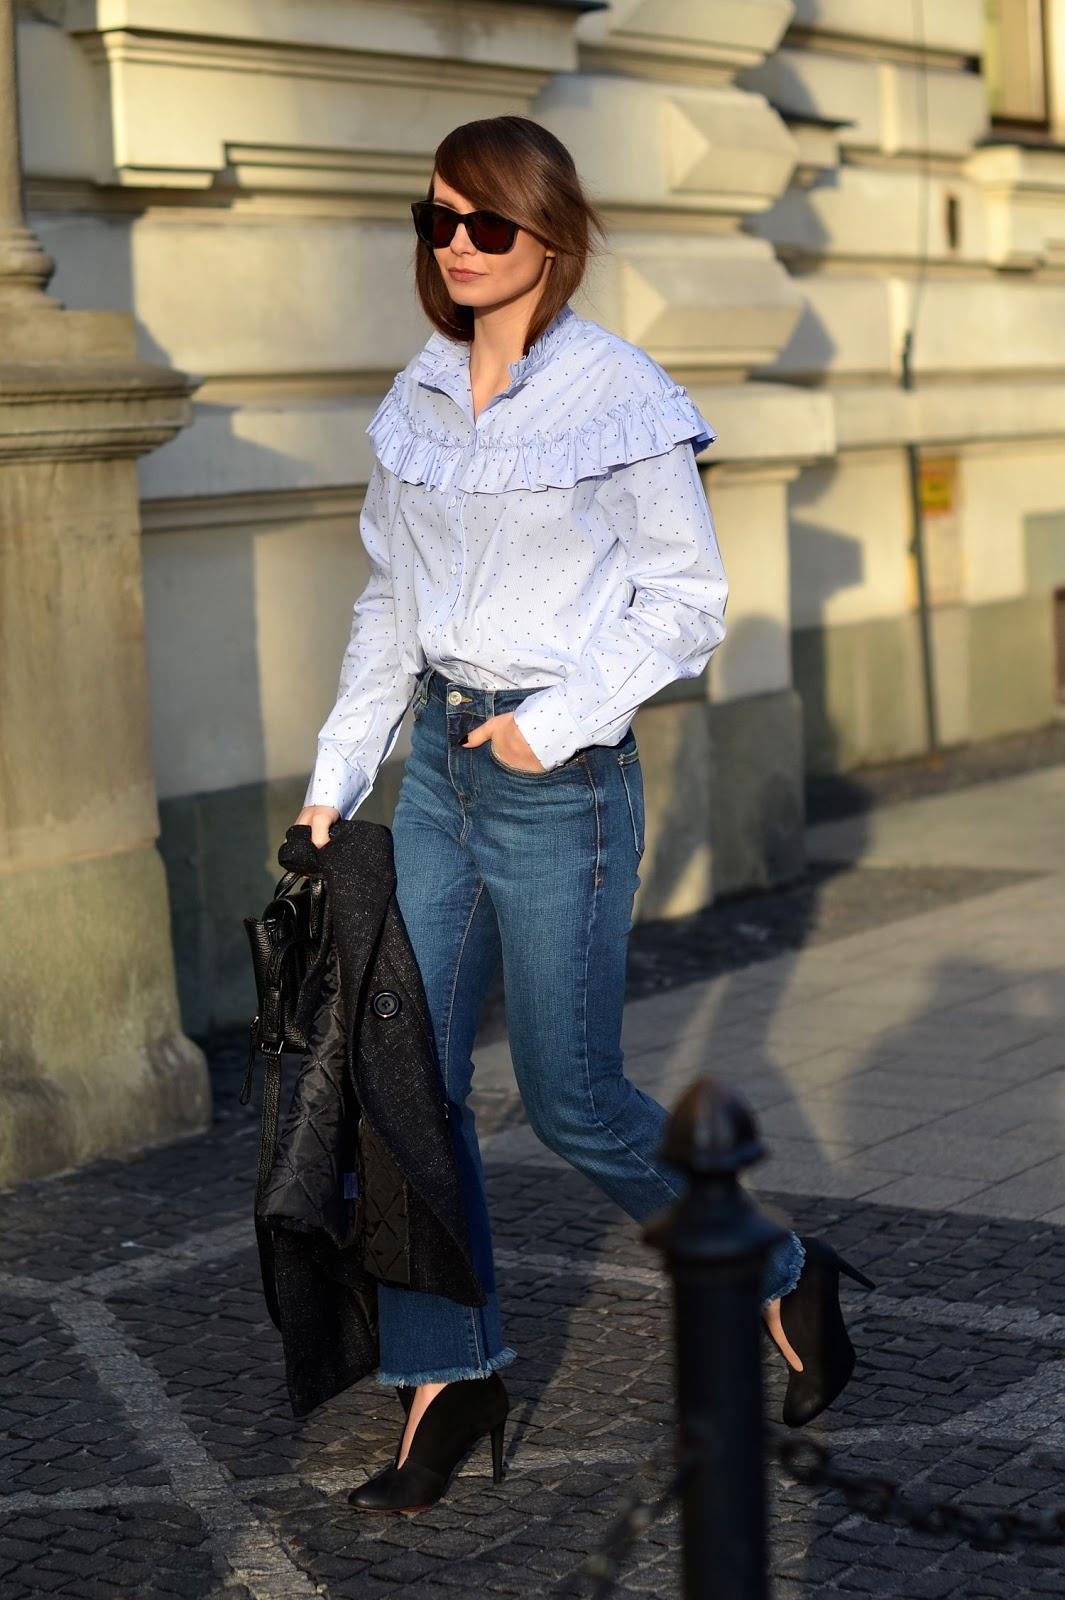 modne spodnie na wiosne 2016 | fredzle przy spodniach | pozytywne nawyki